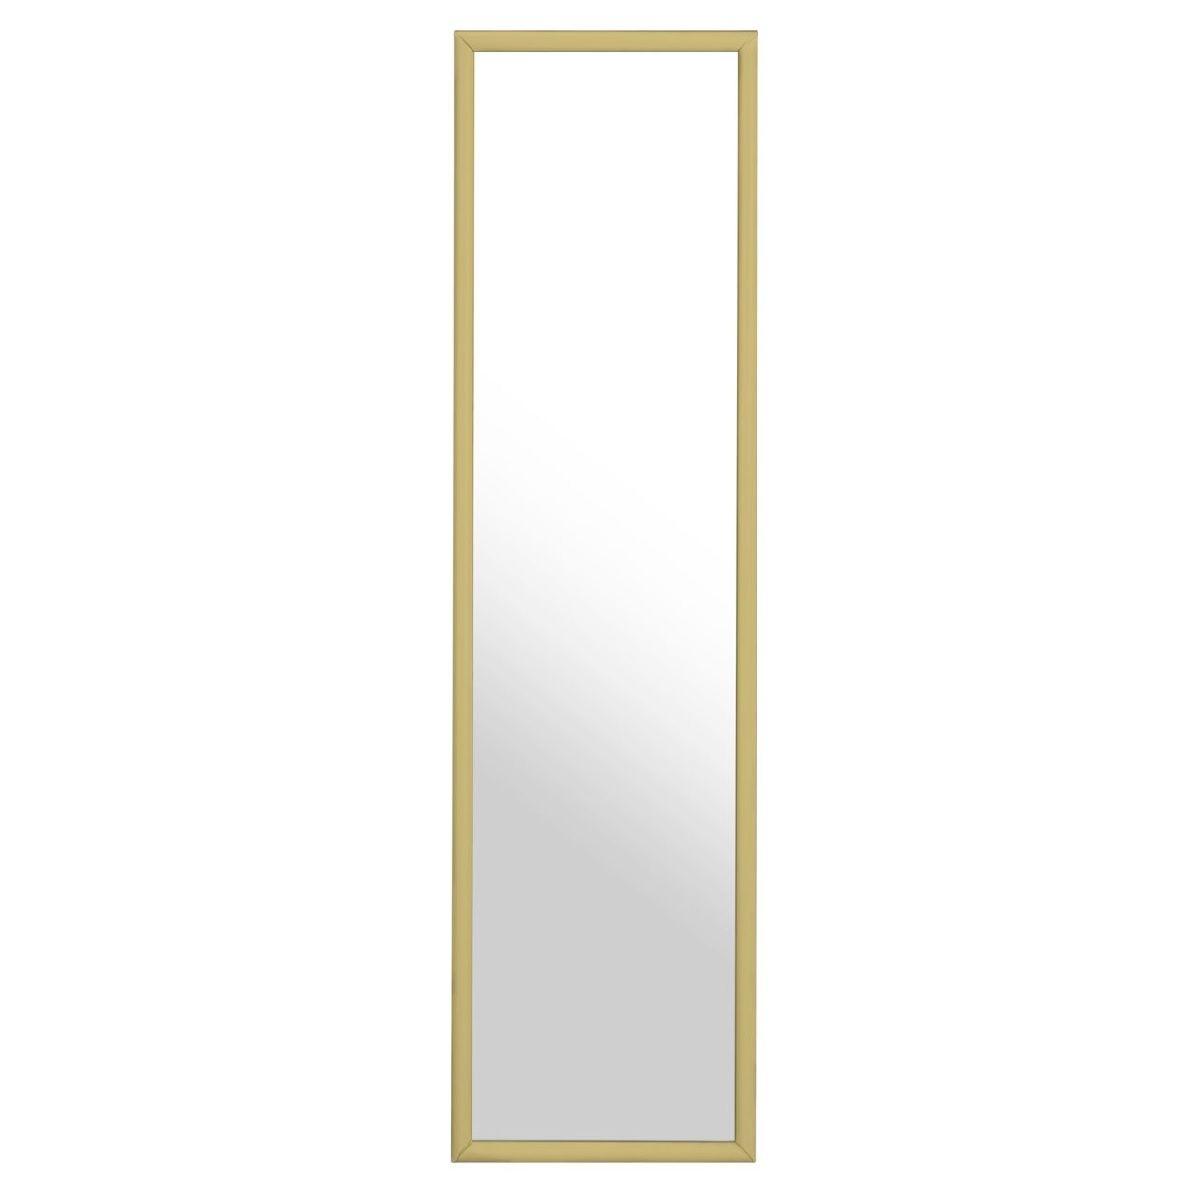 Premium Housewares Over Door Mirror - Gold